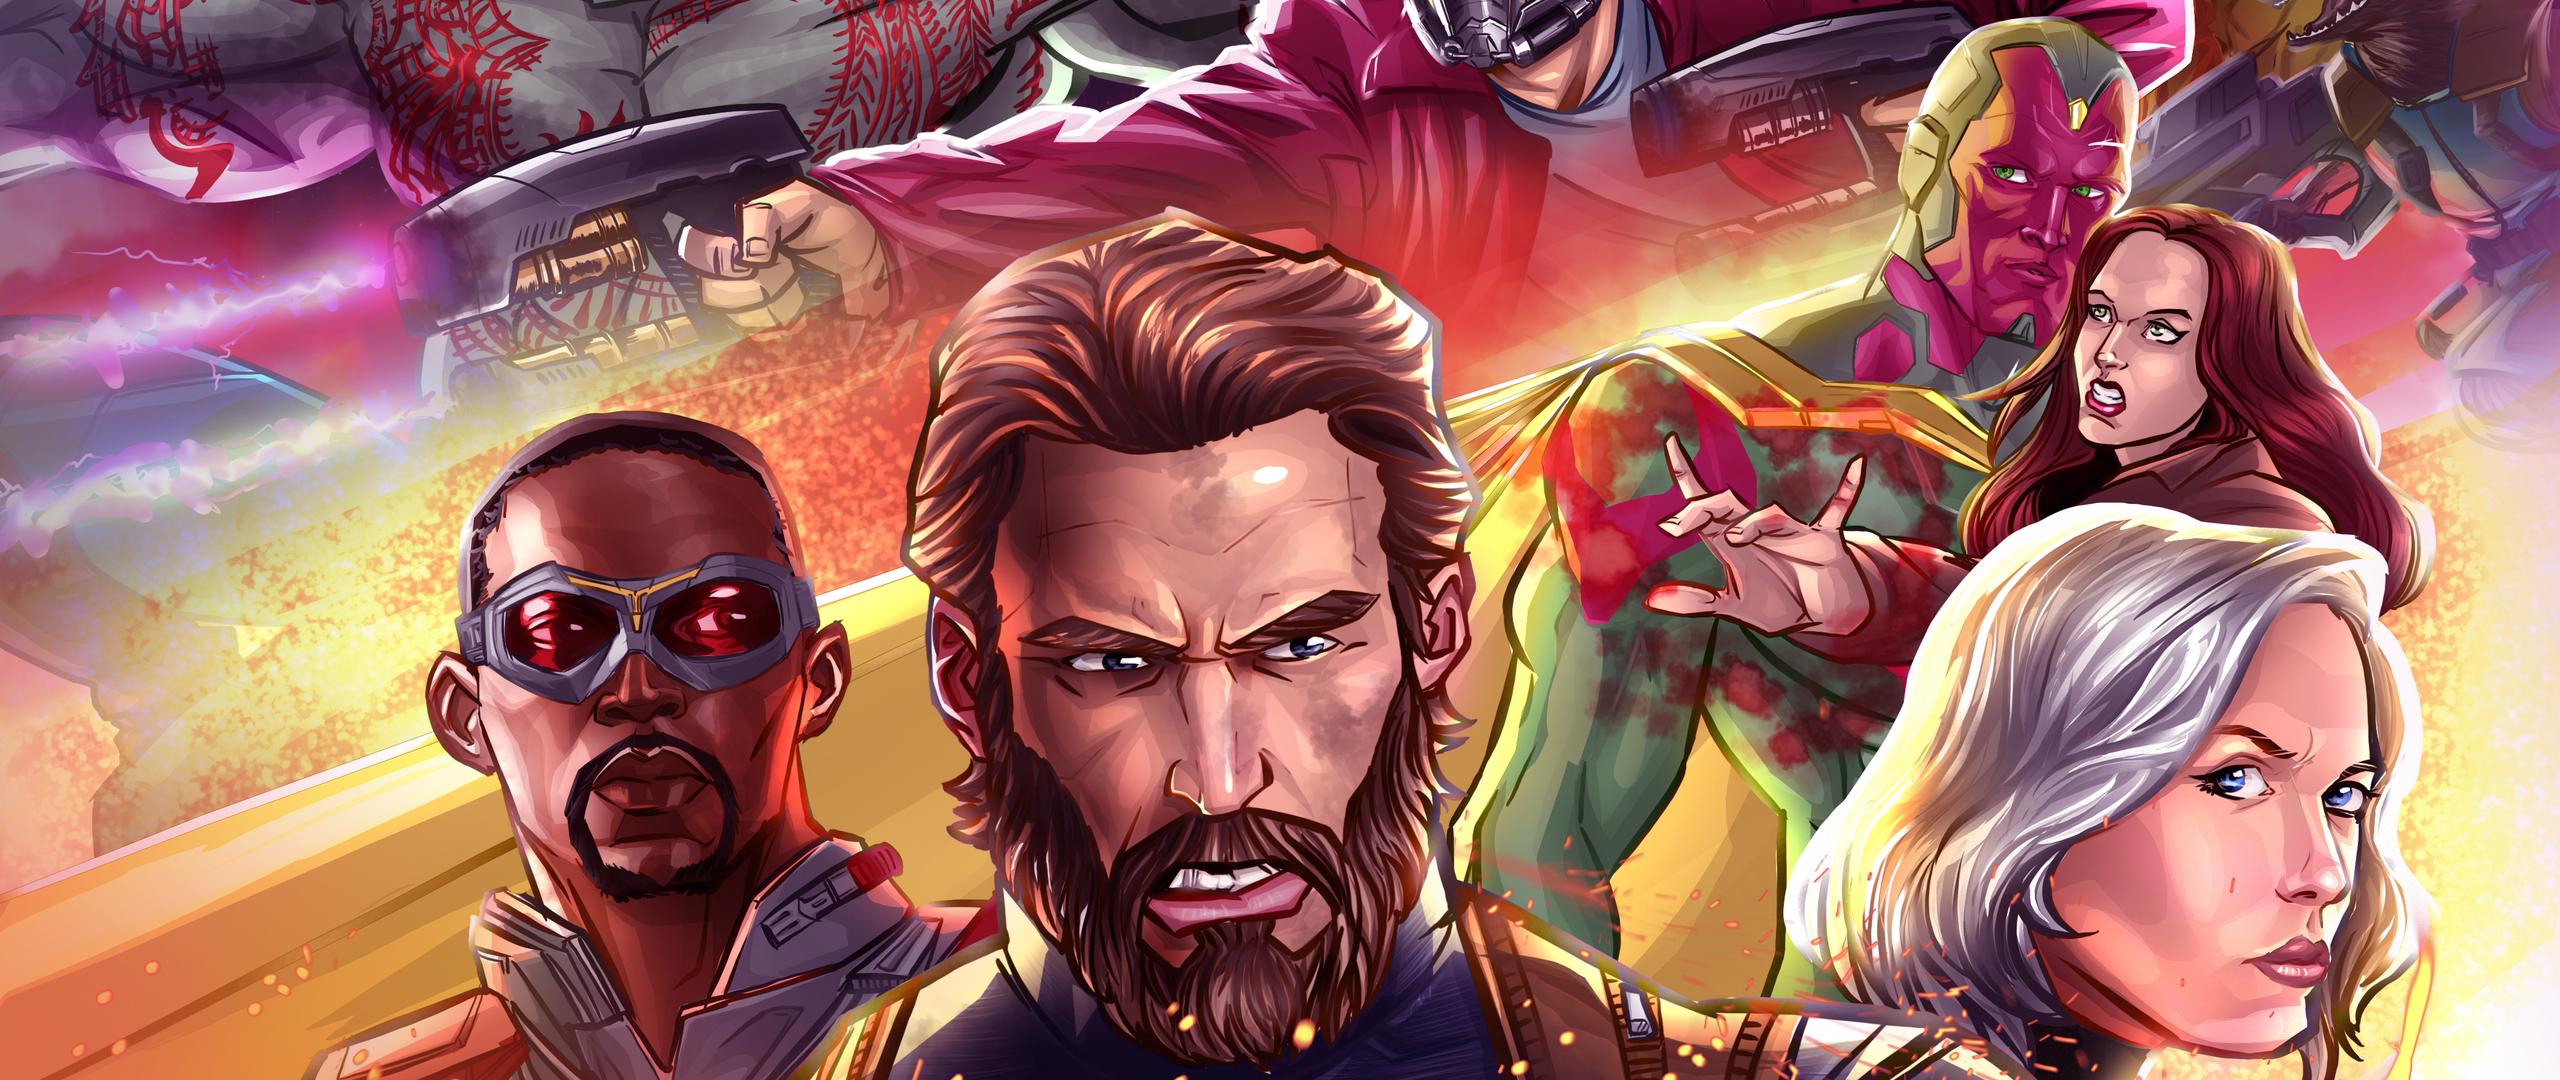 avengers-infinty-war-2018-4k-artwork-le.jpg